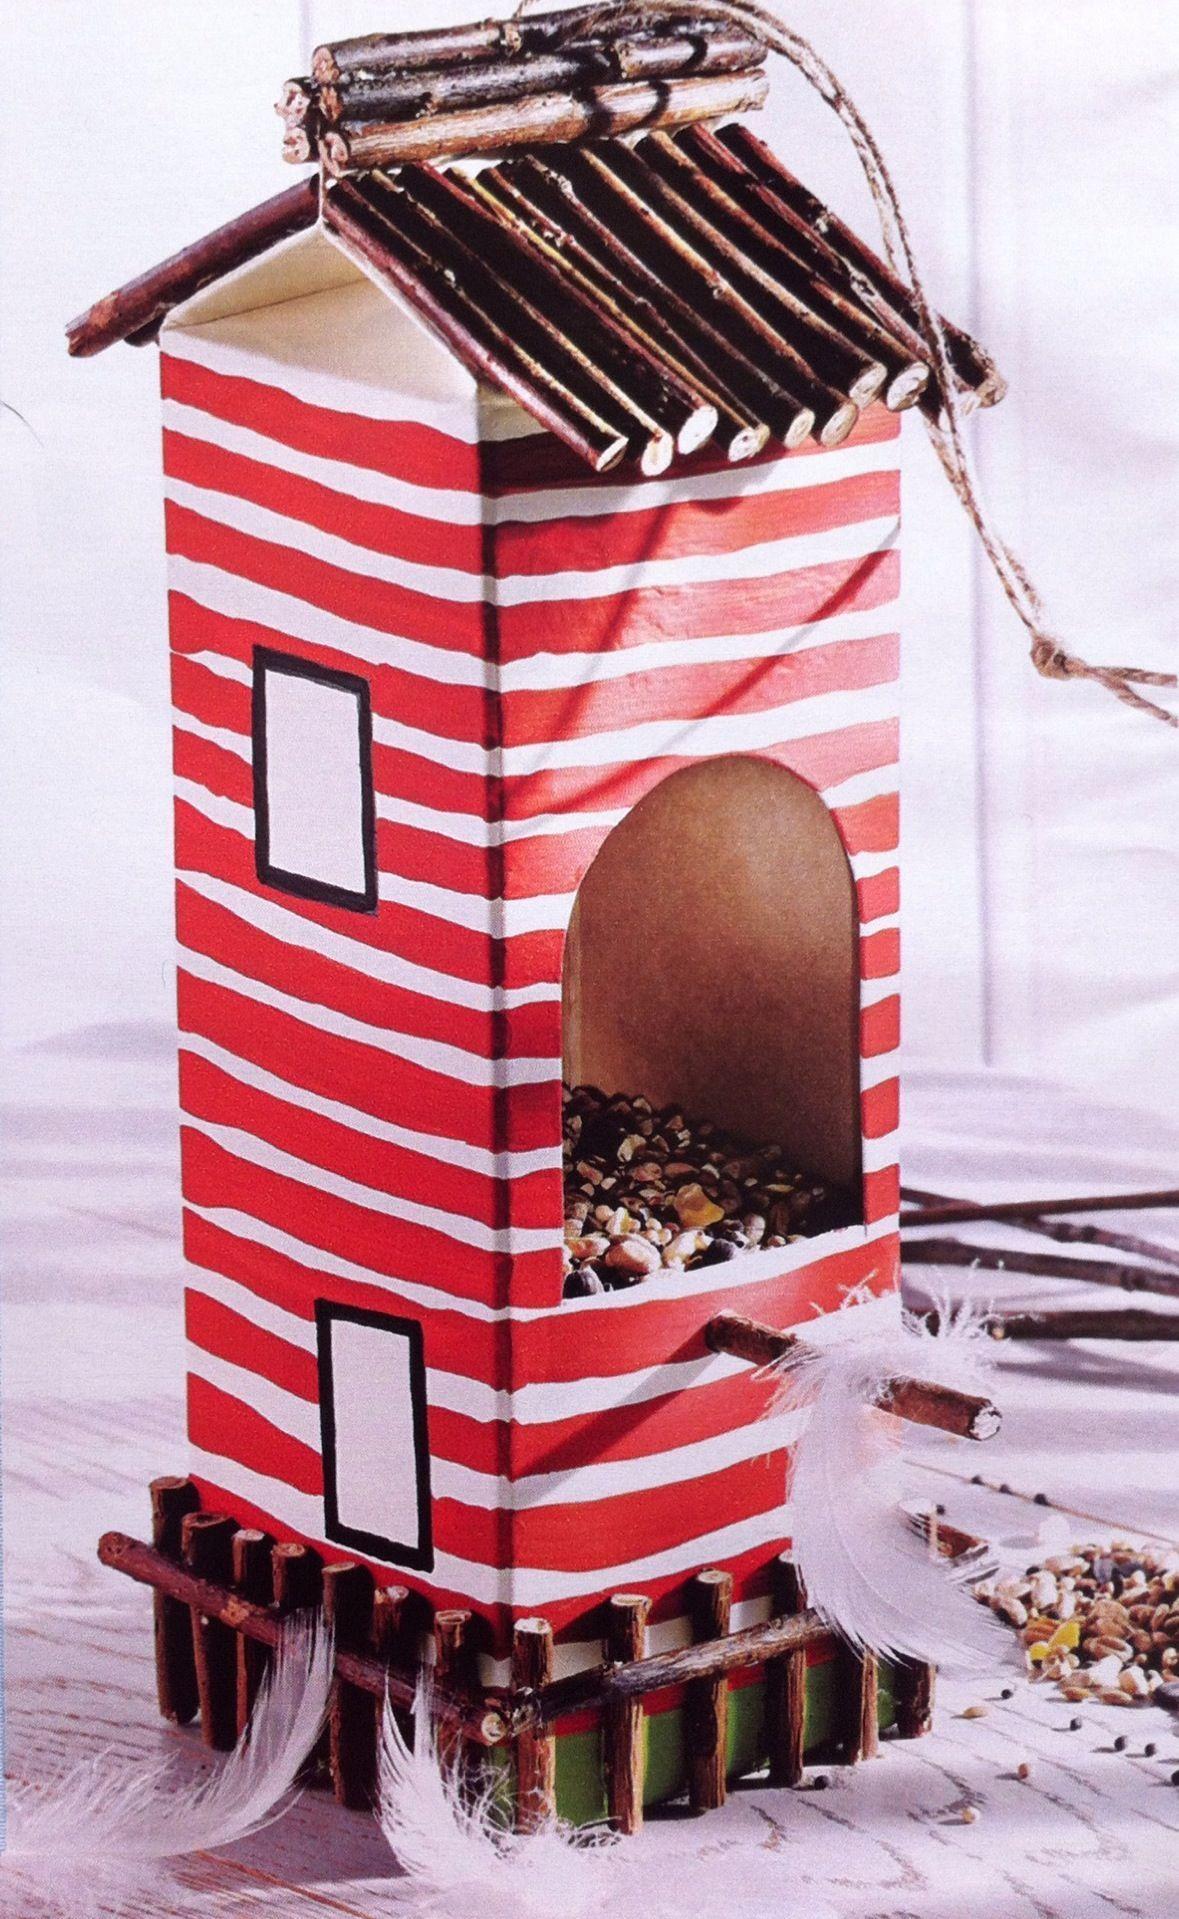 Bird box from a juice carton - tesco magazine #birdhouses Bird box from a juice ...#bird #birdhouses #box #carton #juice #magazine #tesco